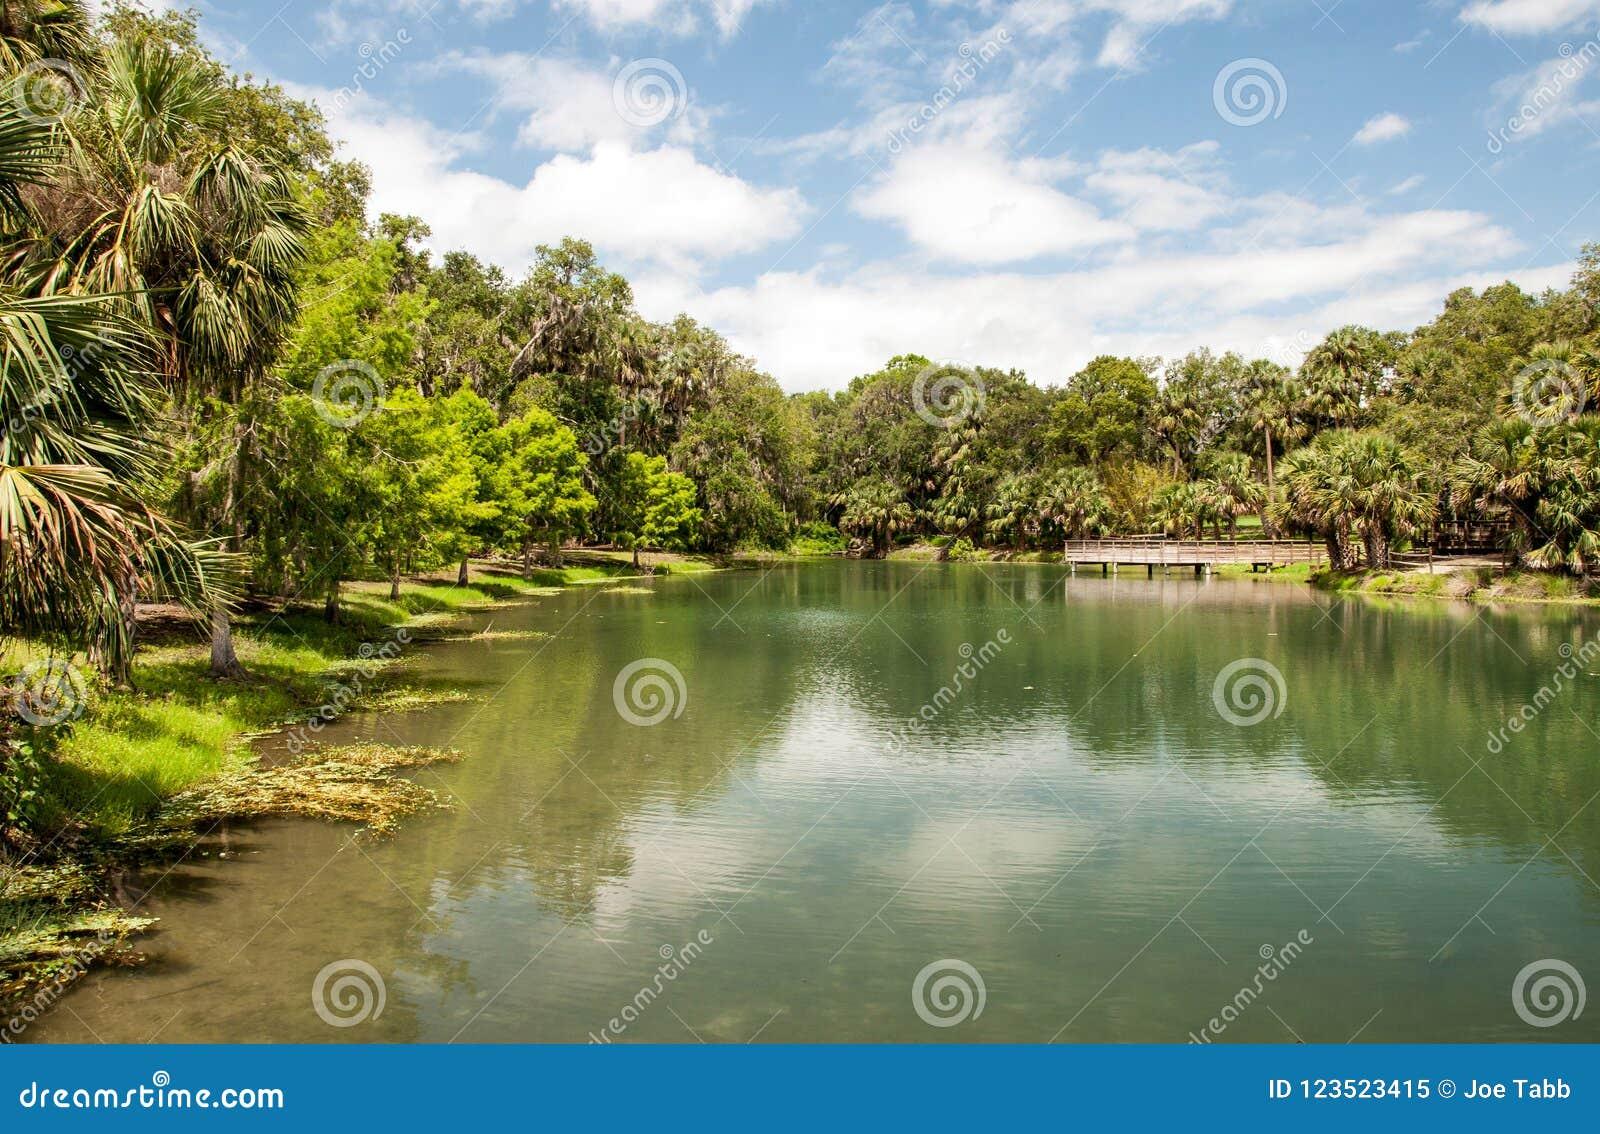 Джемини скачет парк в Флориде